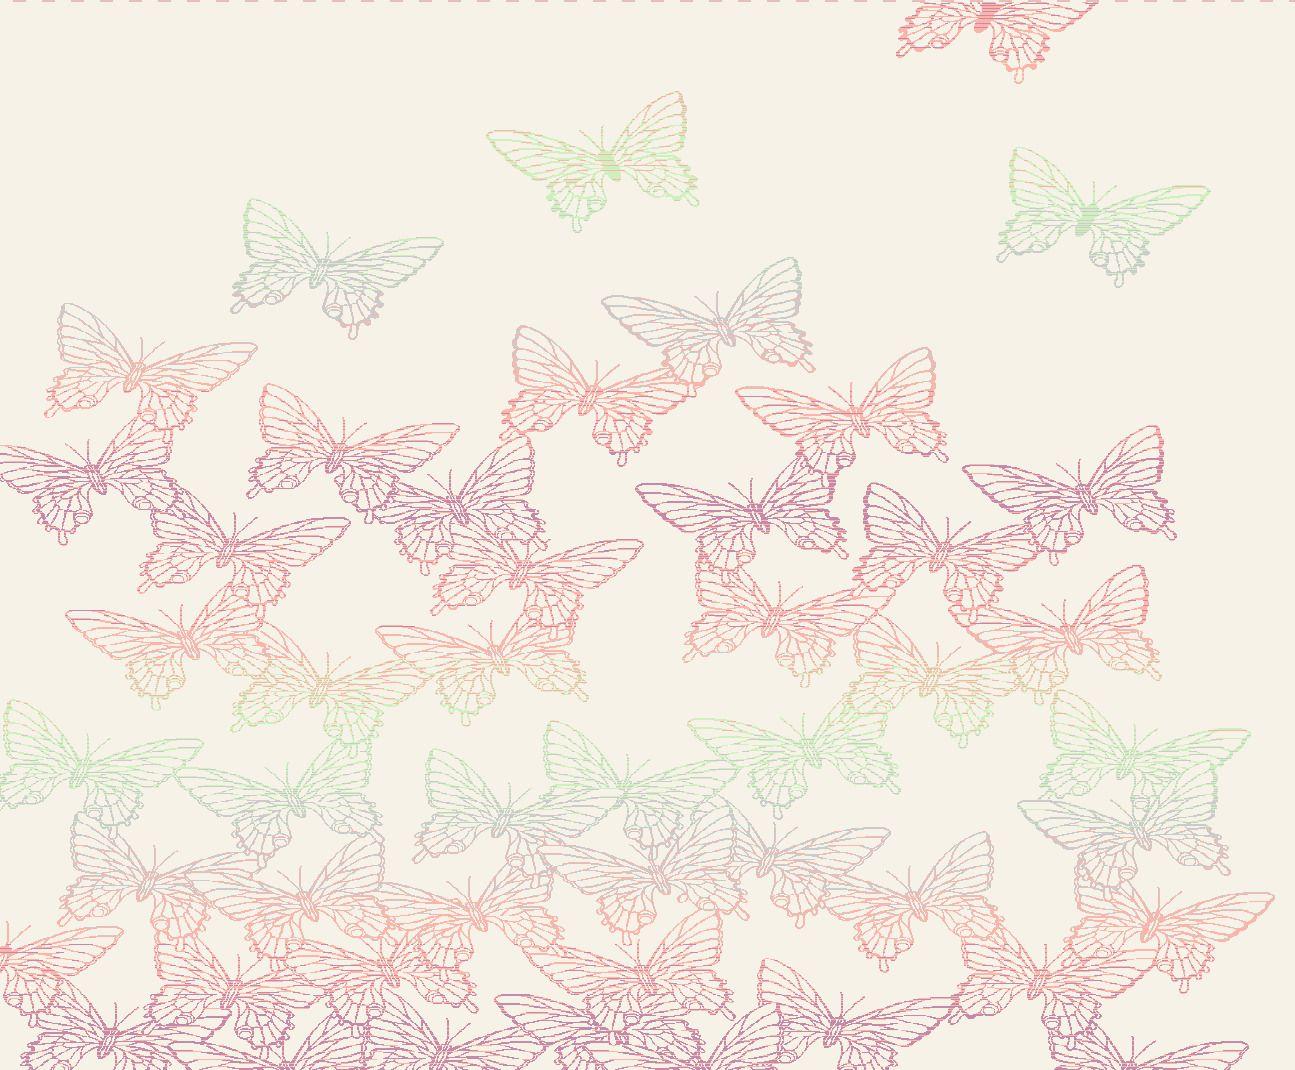 BIEDERLACK Wohndecke, Biederlack, »Butterfly«, im Natur Design